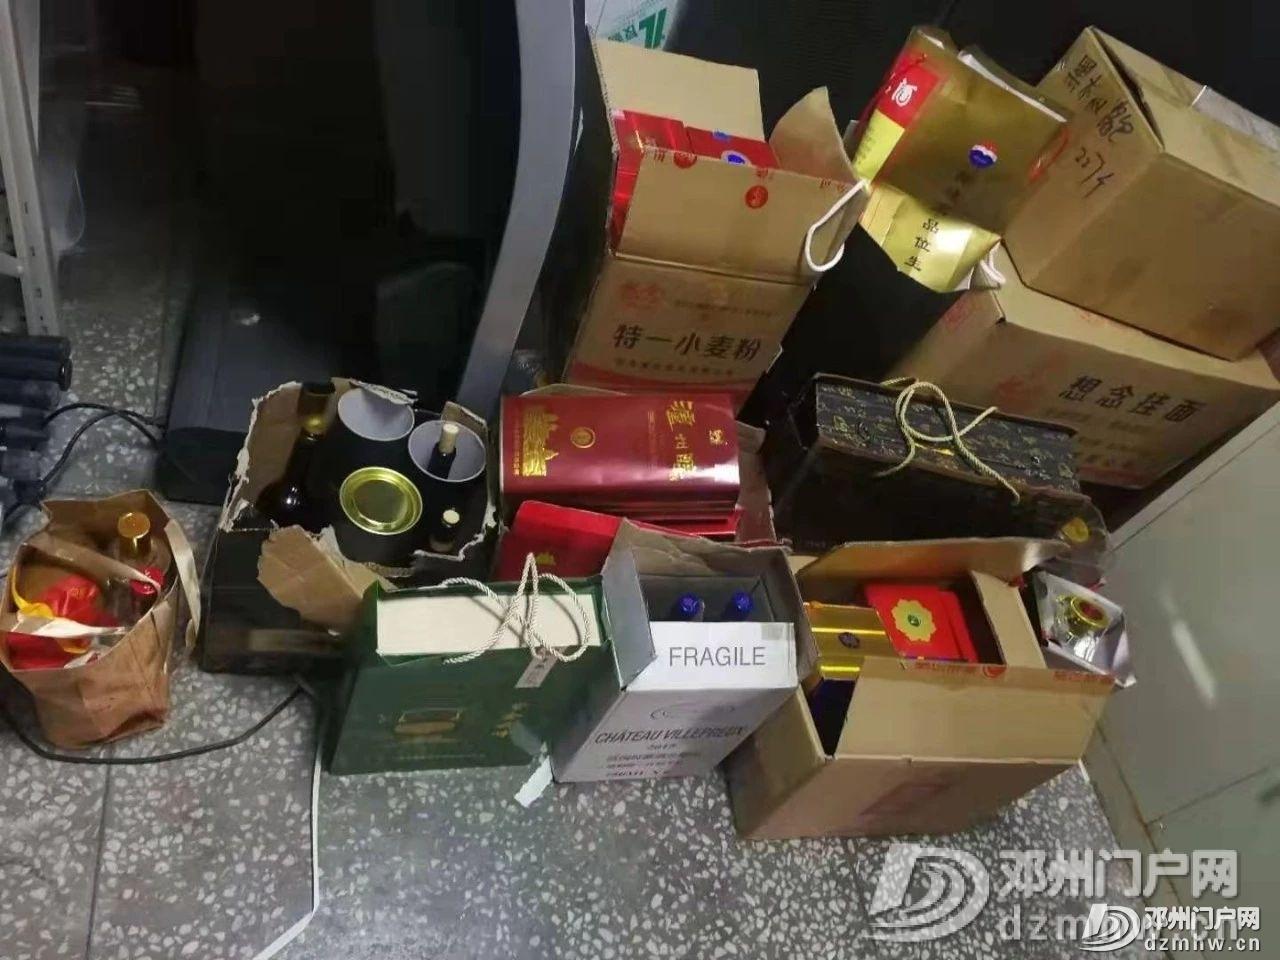 【协查通告】邓州市公安局前进派出所破获一起盗窃车内物品案件 - 邓州门户网|邓州网 - bfd37f7d0cd3b59c01b754962ccd8145.jpg